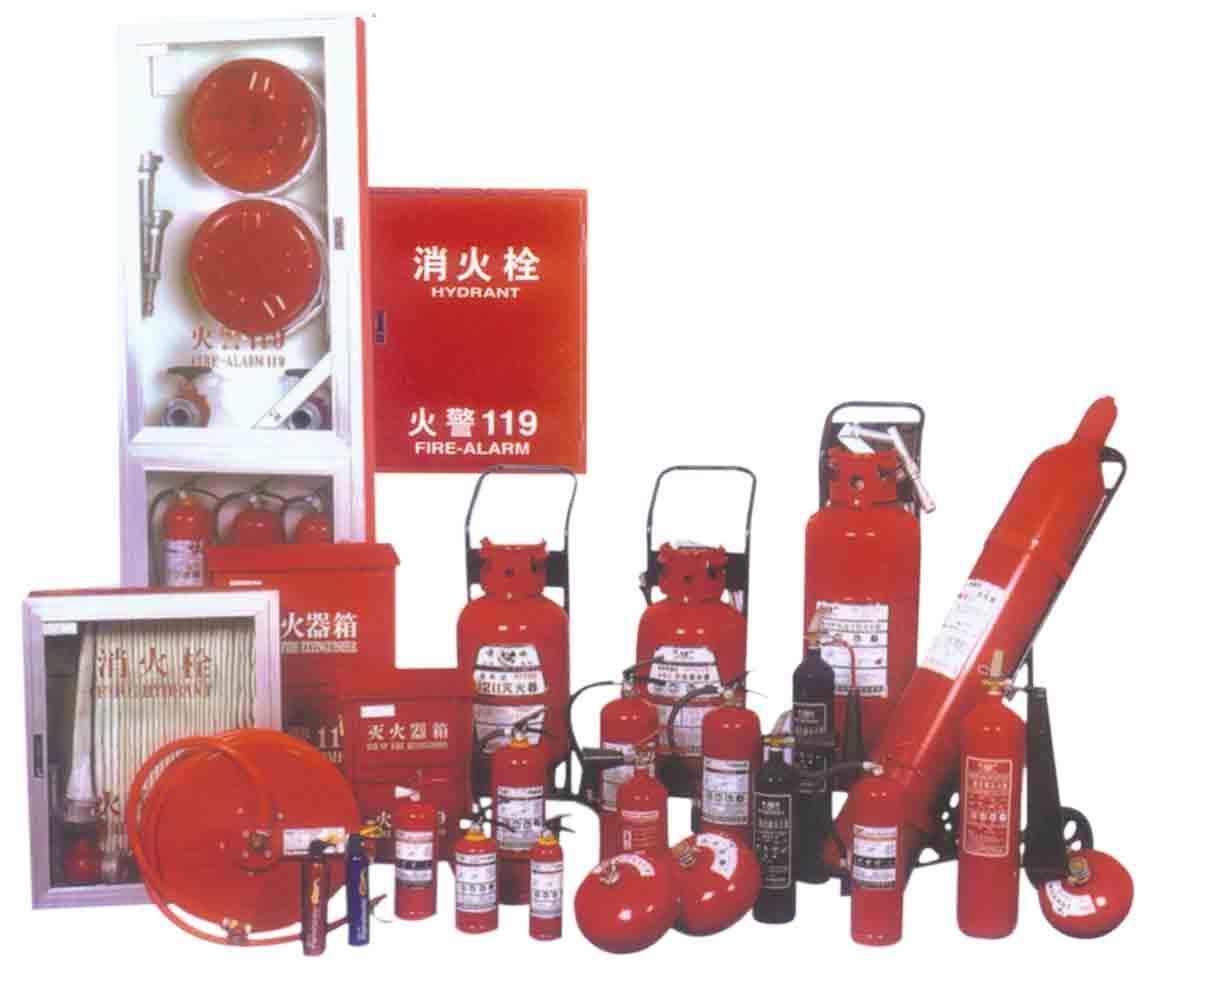 灭火器消防器材价格 灭火器消防器材批发 灭火器消防器材厂家 第590页